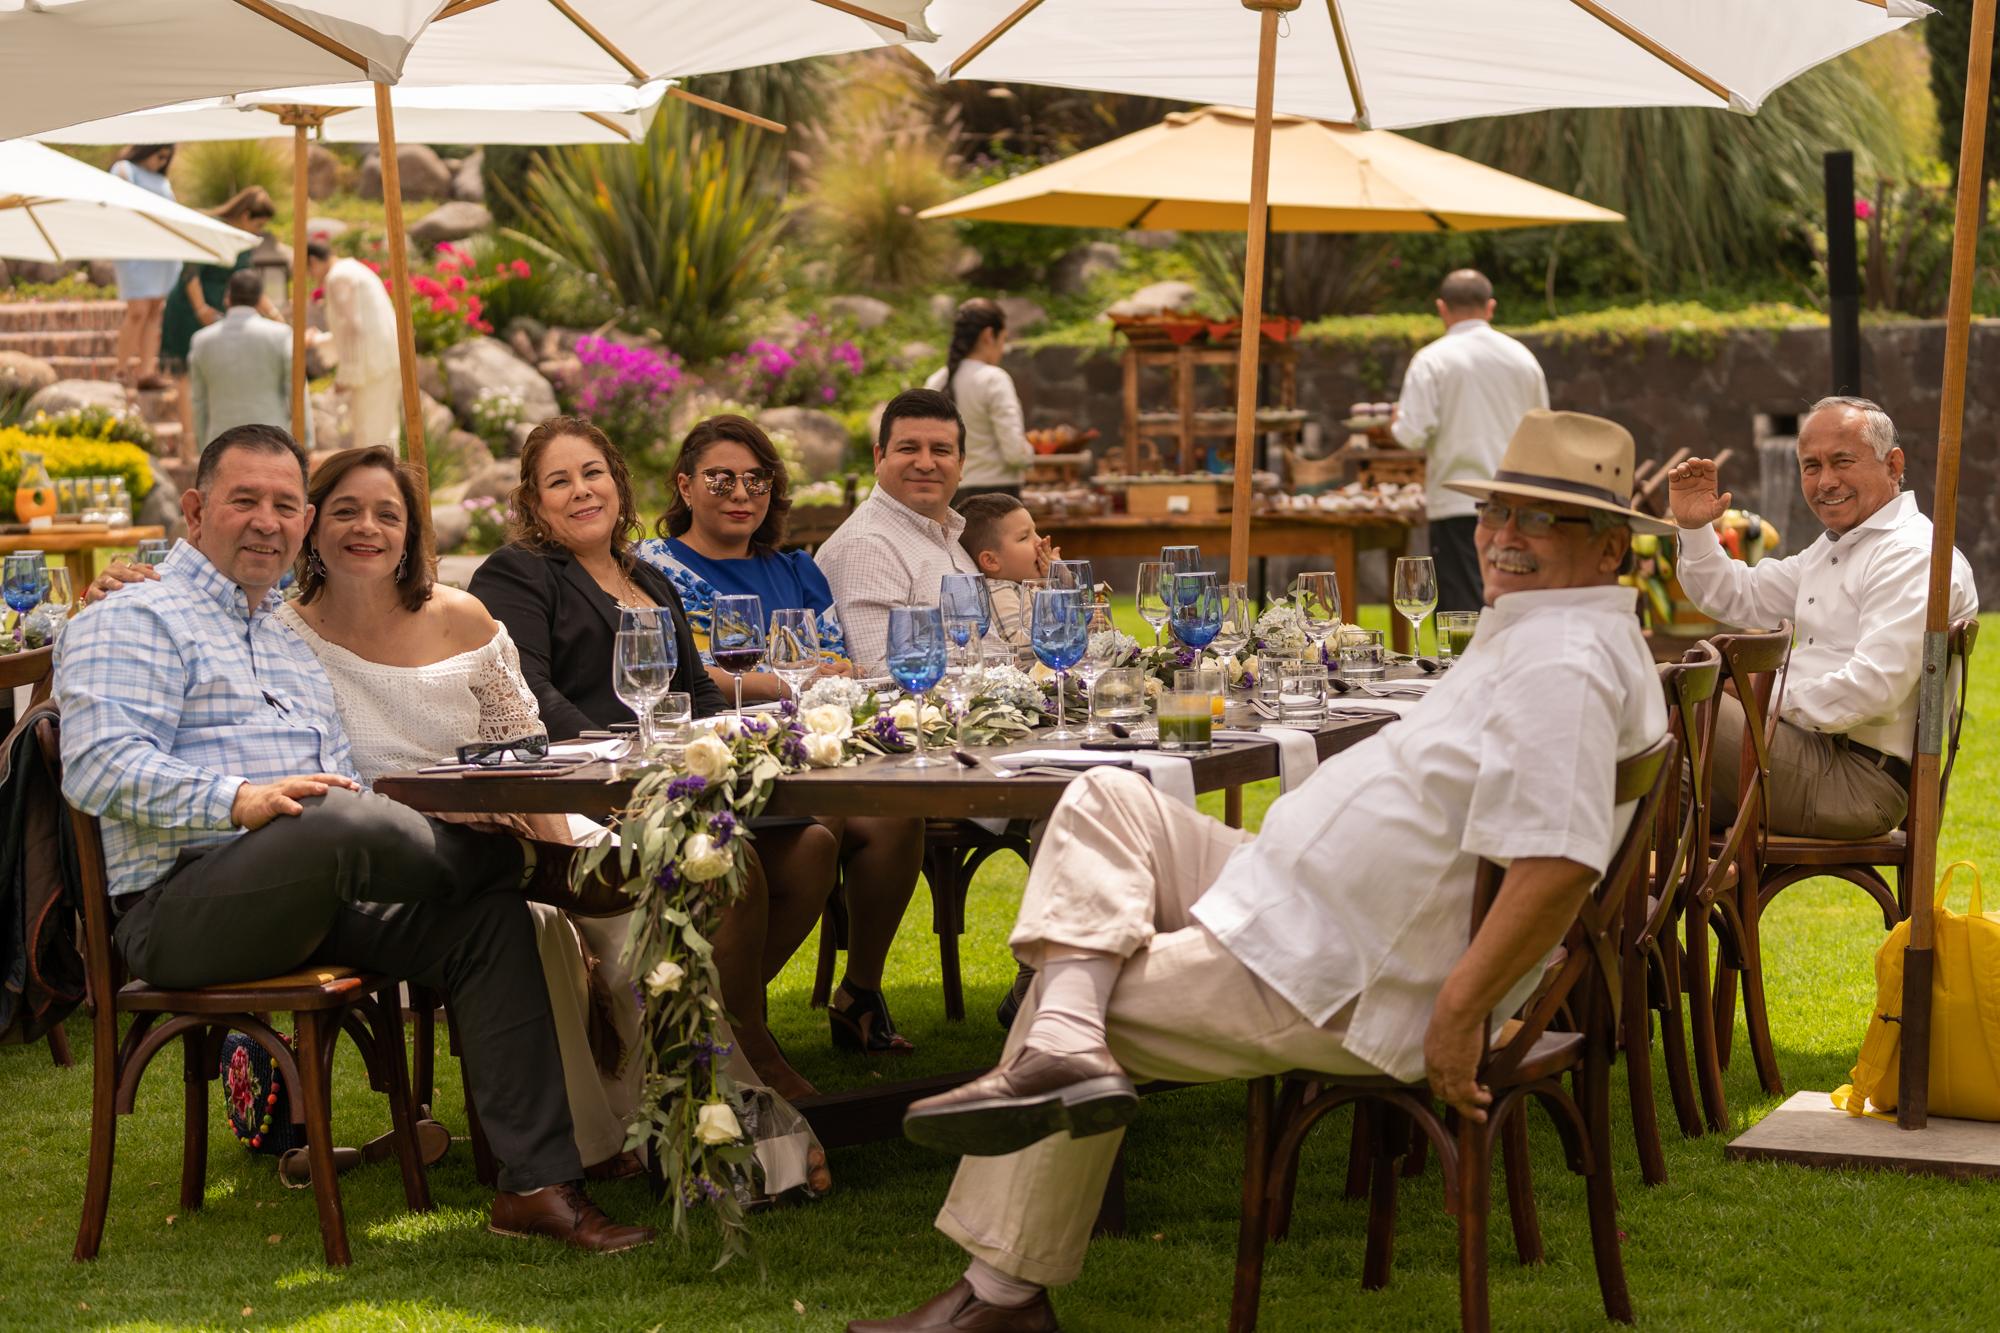 Sesion de Fotos en Rosewood San Migue de Allende del Bautizo de Alfonso-88.jpg